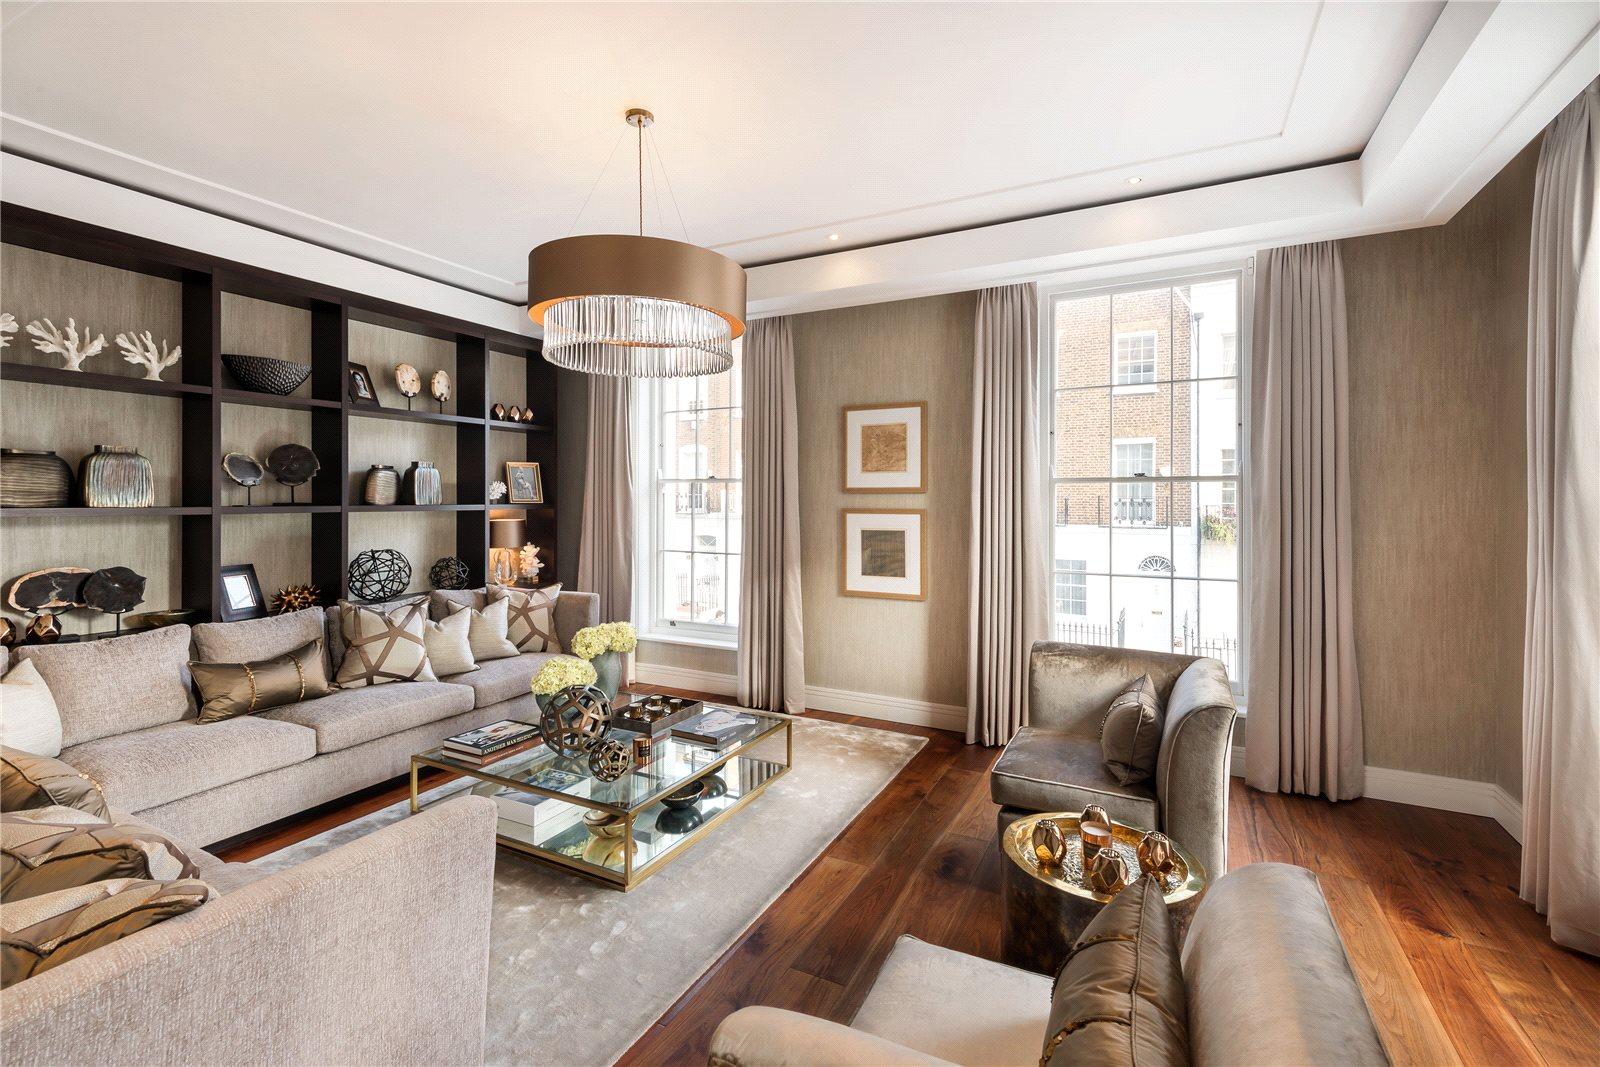 단독 가정 주택 용 매매 에 Montpelier Street, London, SW7 London, 영국